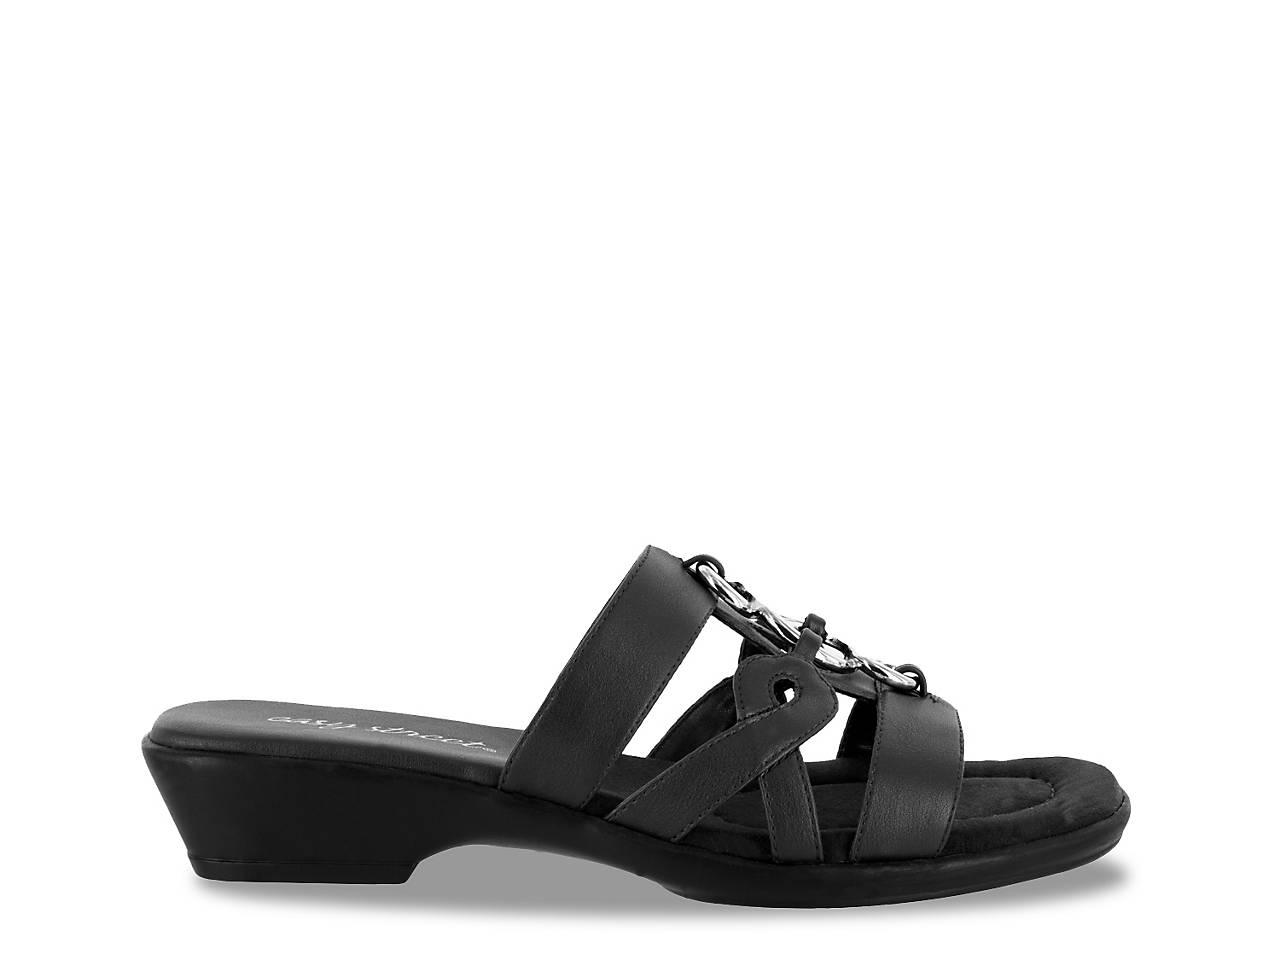 0da53597a3e Easy Street Torrid Sandal Women s Shoes